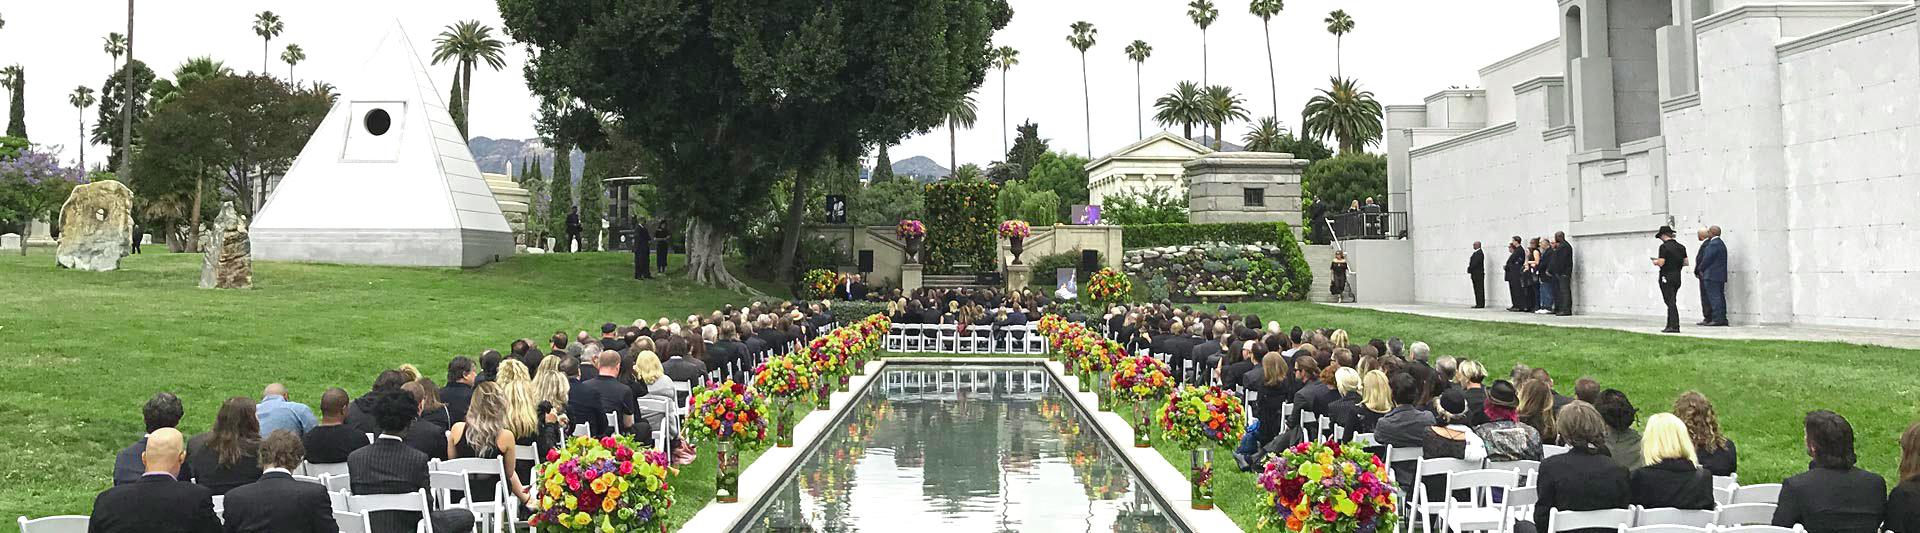 Memorial Services East LA